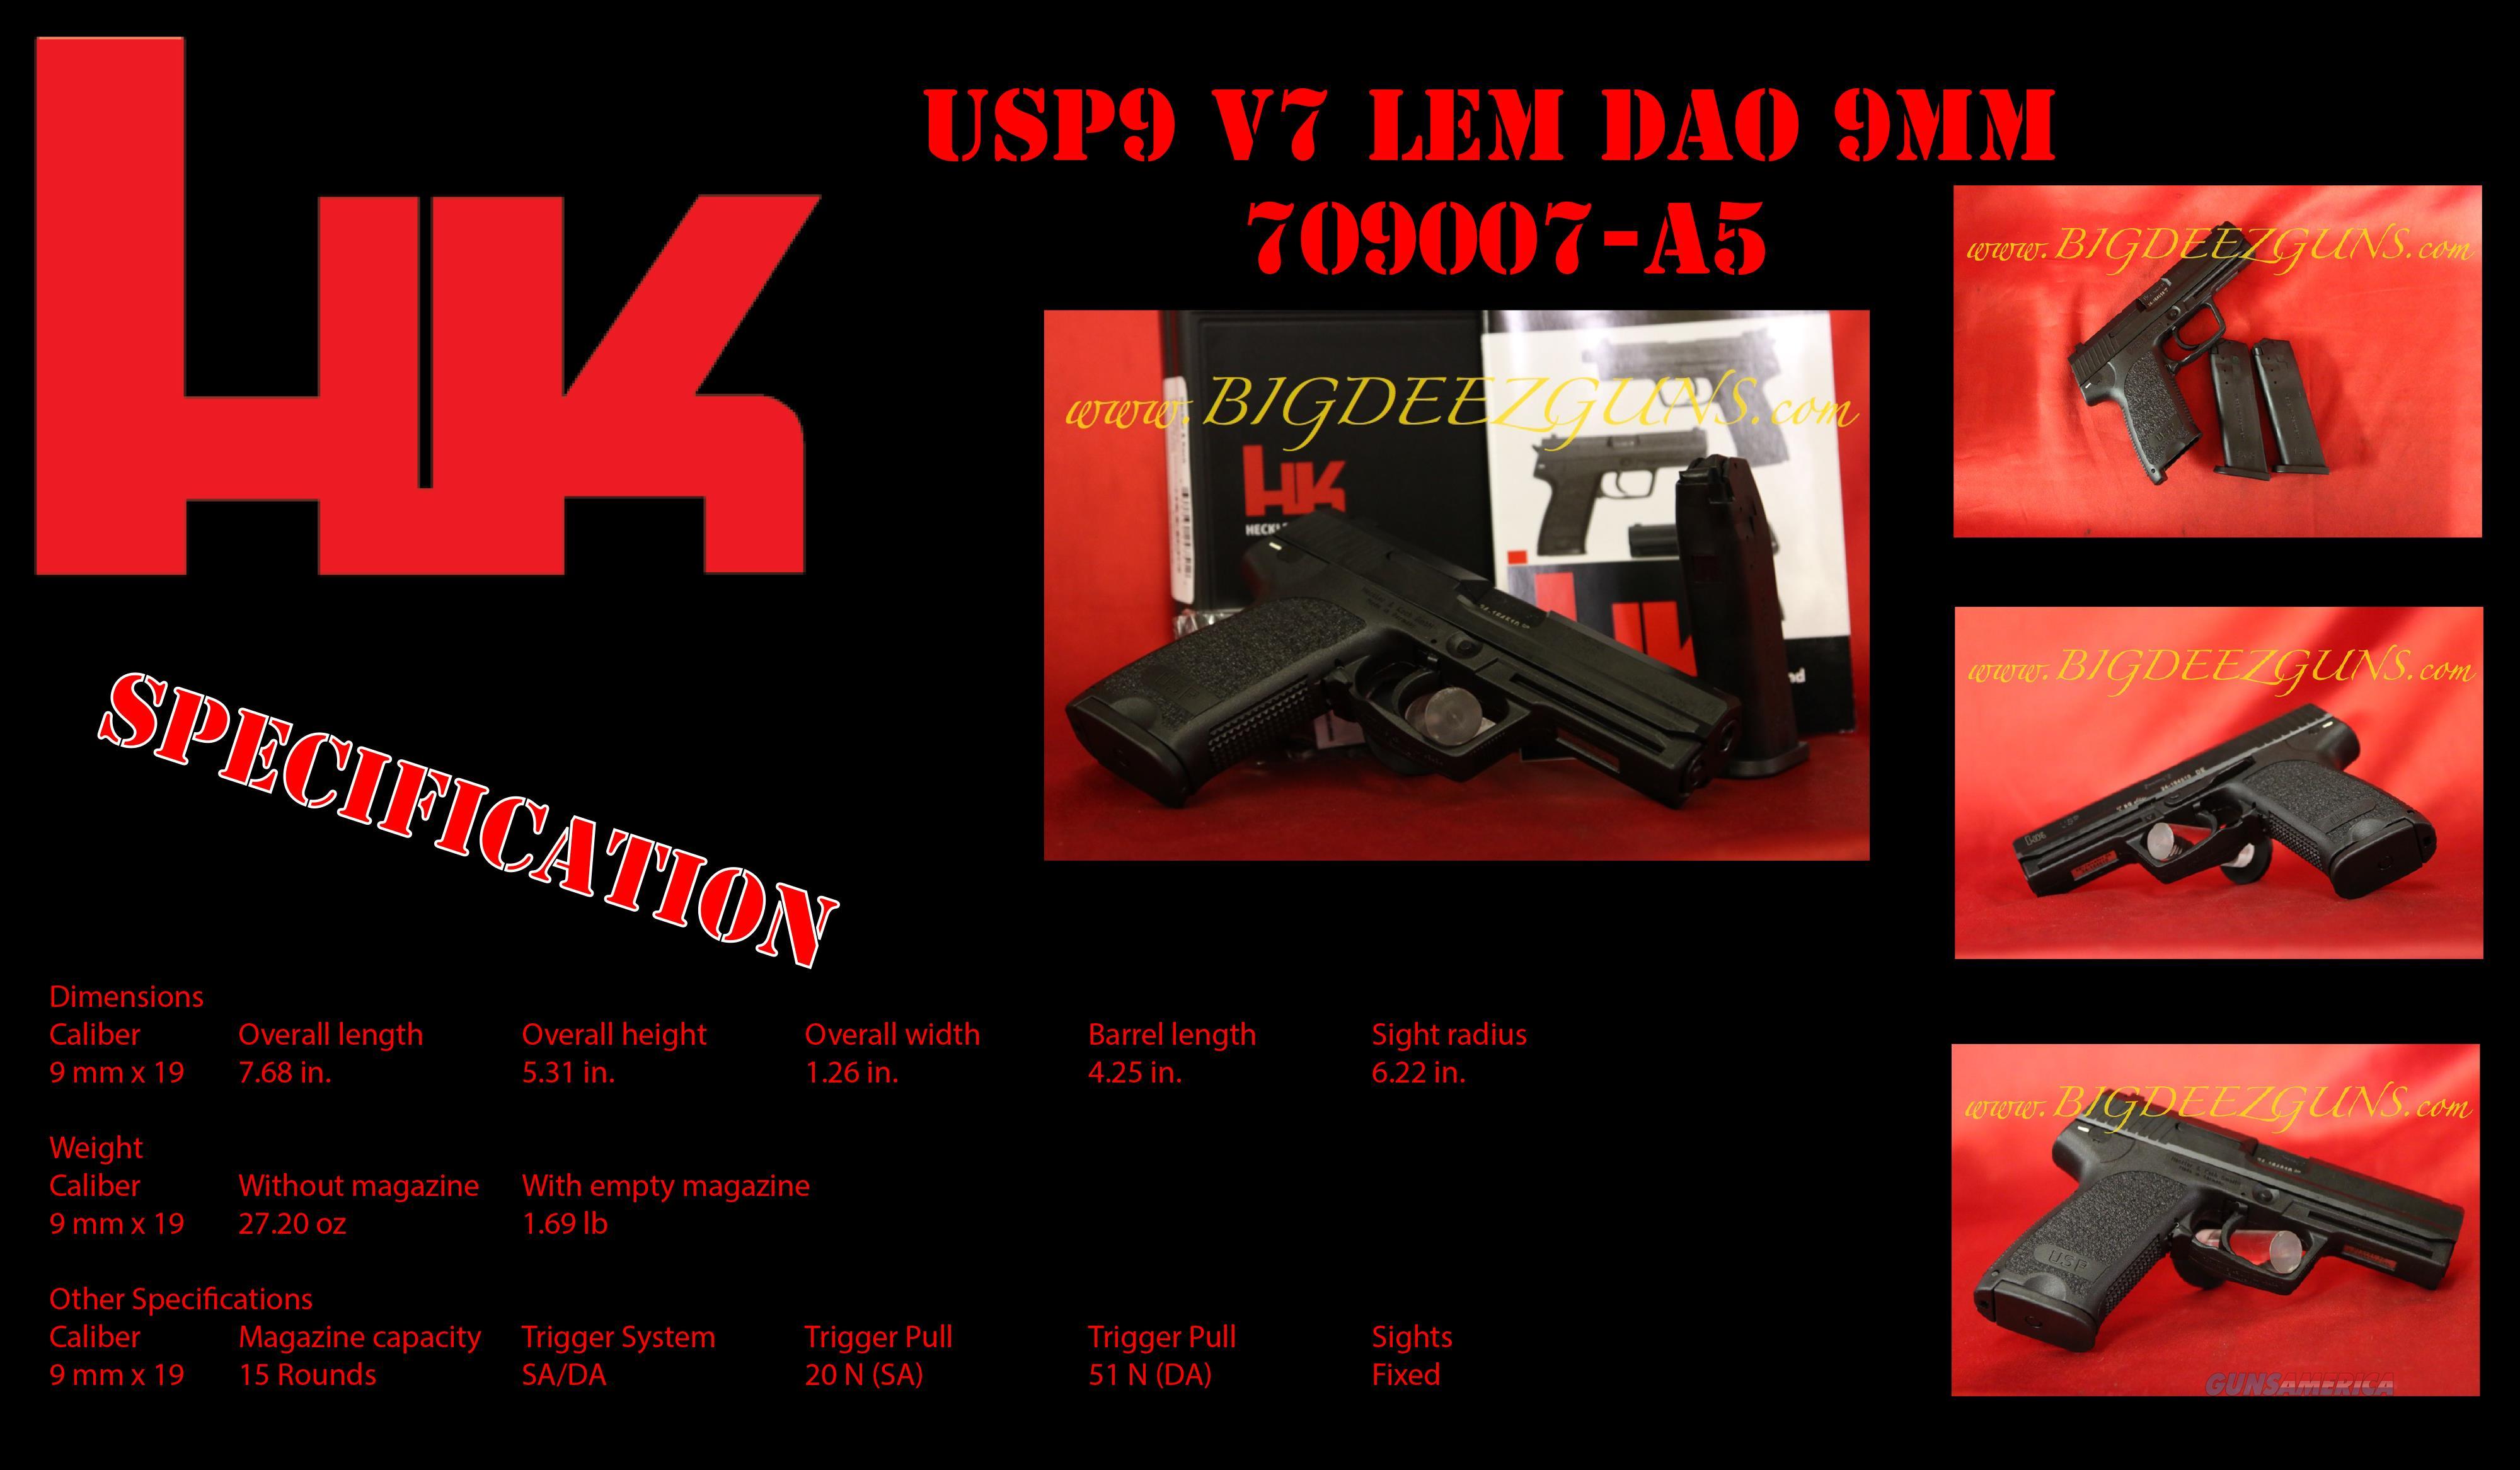 Hk USP USP9 V7 LEM DAO 9mm 2 mag 15rn Heckler Koch  Guns > Pistols > Heckler & Koch Pistols > Polymer Frame